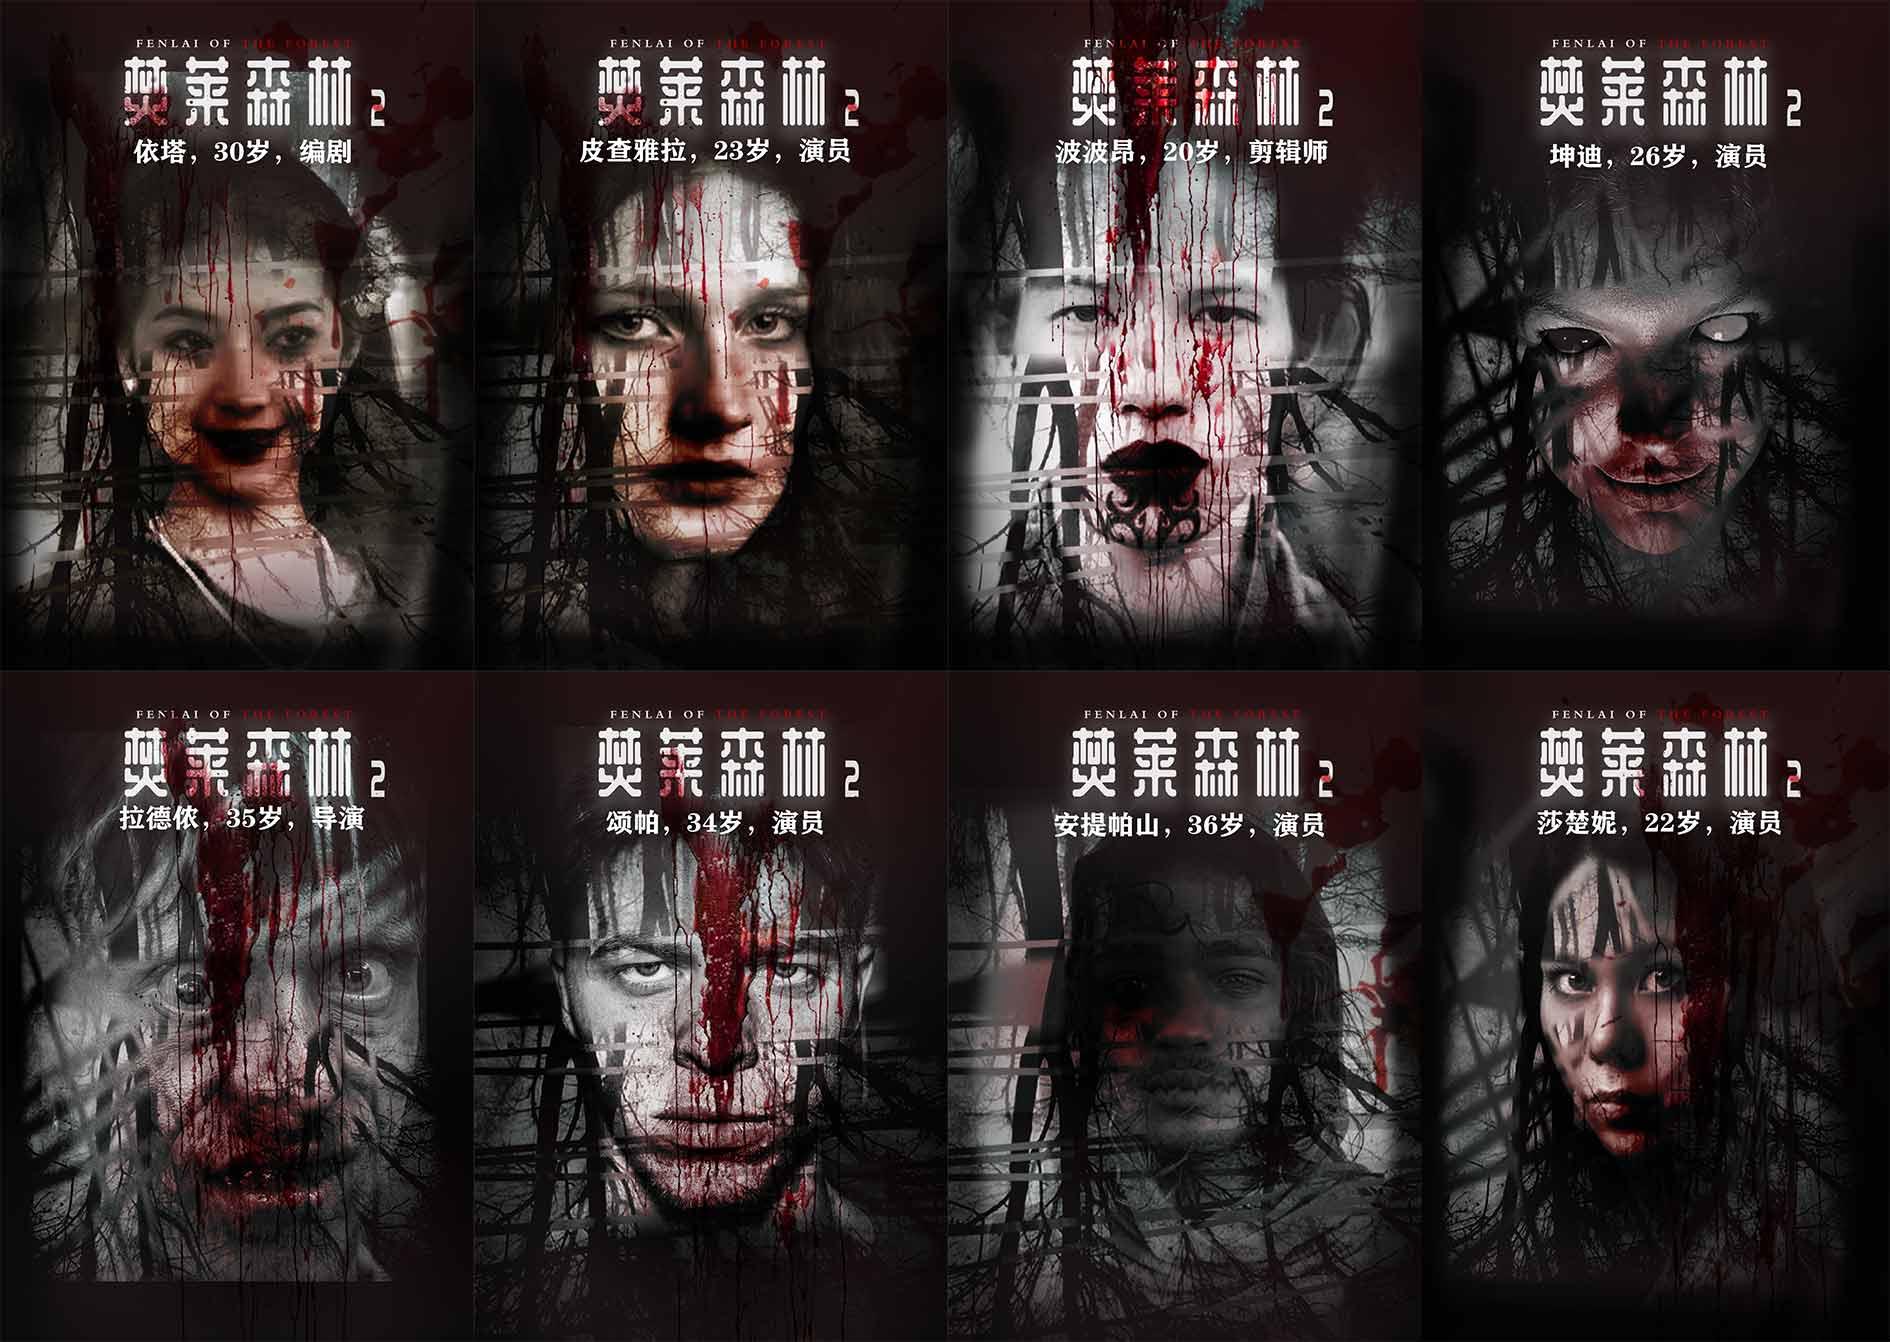 『焚莱森林2』剧本杀真相复盘 凶手是谁 剧透解析 密码答案 结局攻略